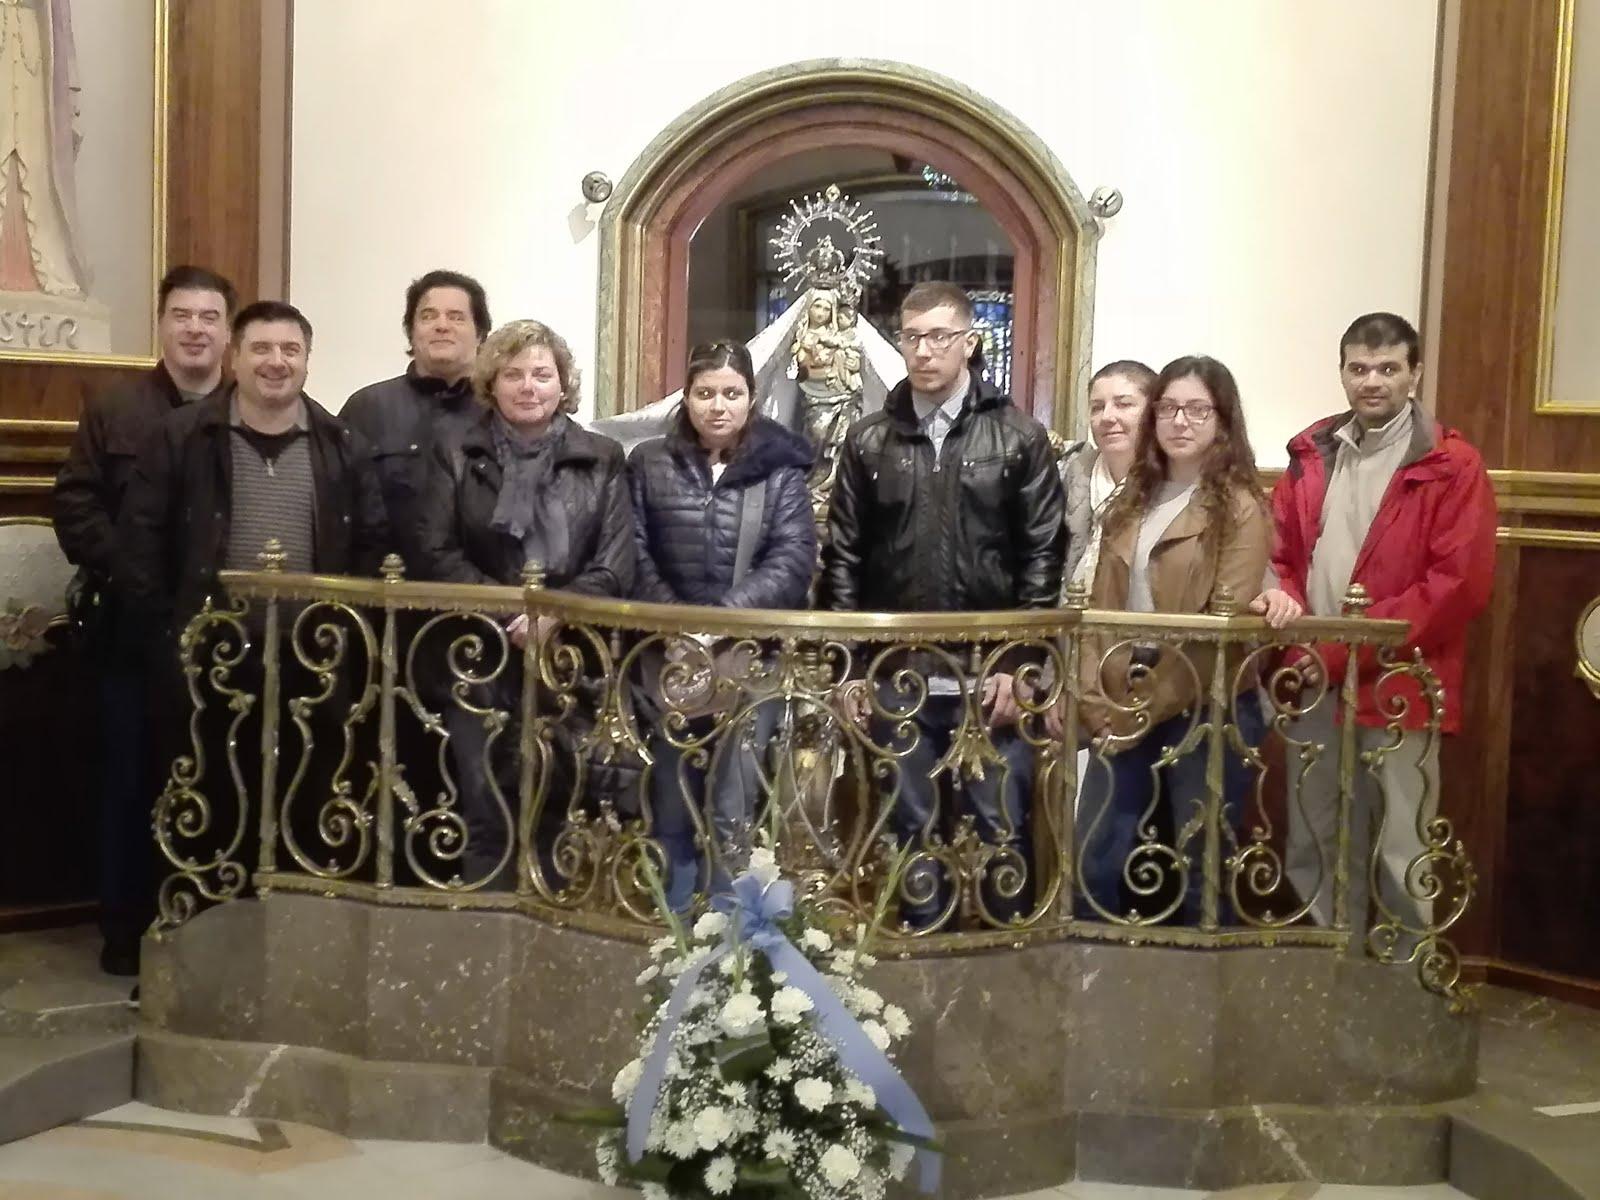 Peregrinació de la Congregació Mariana de Reus